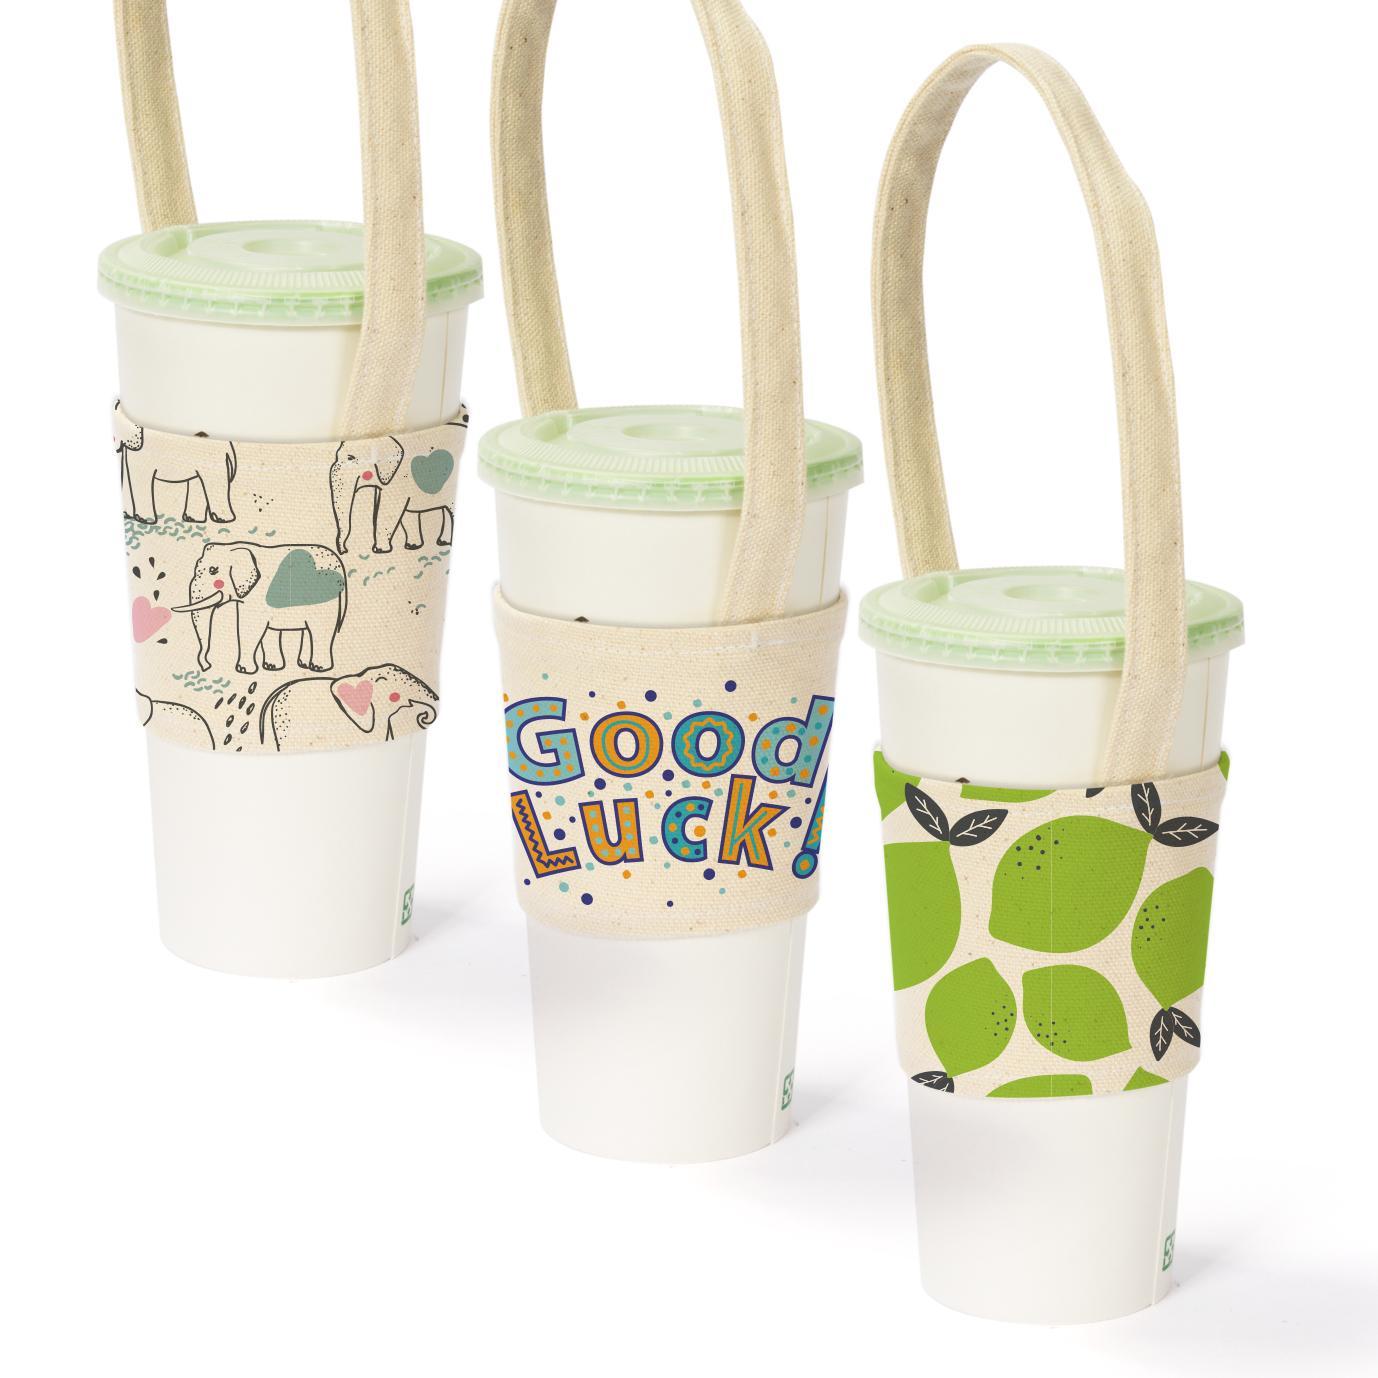 【客製化 】寬版帆胚布杯袋飲料杯提袋50個含彩色印刷 宣導品 禮贈品 HFPWP S1-01088AA-50